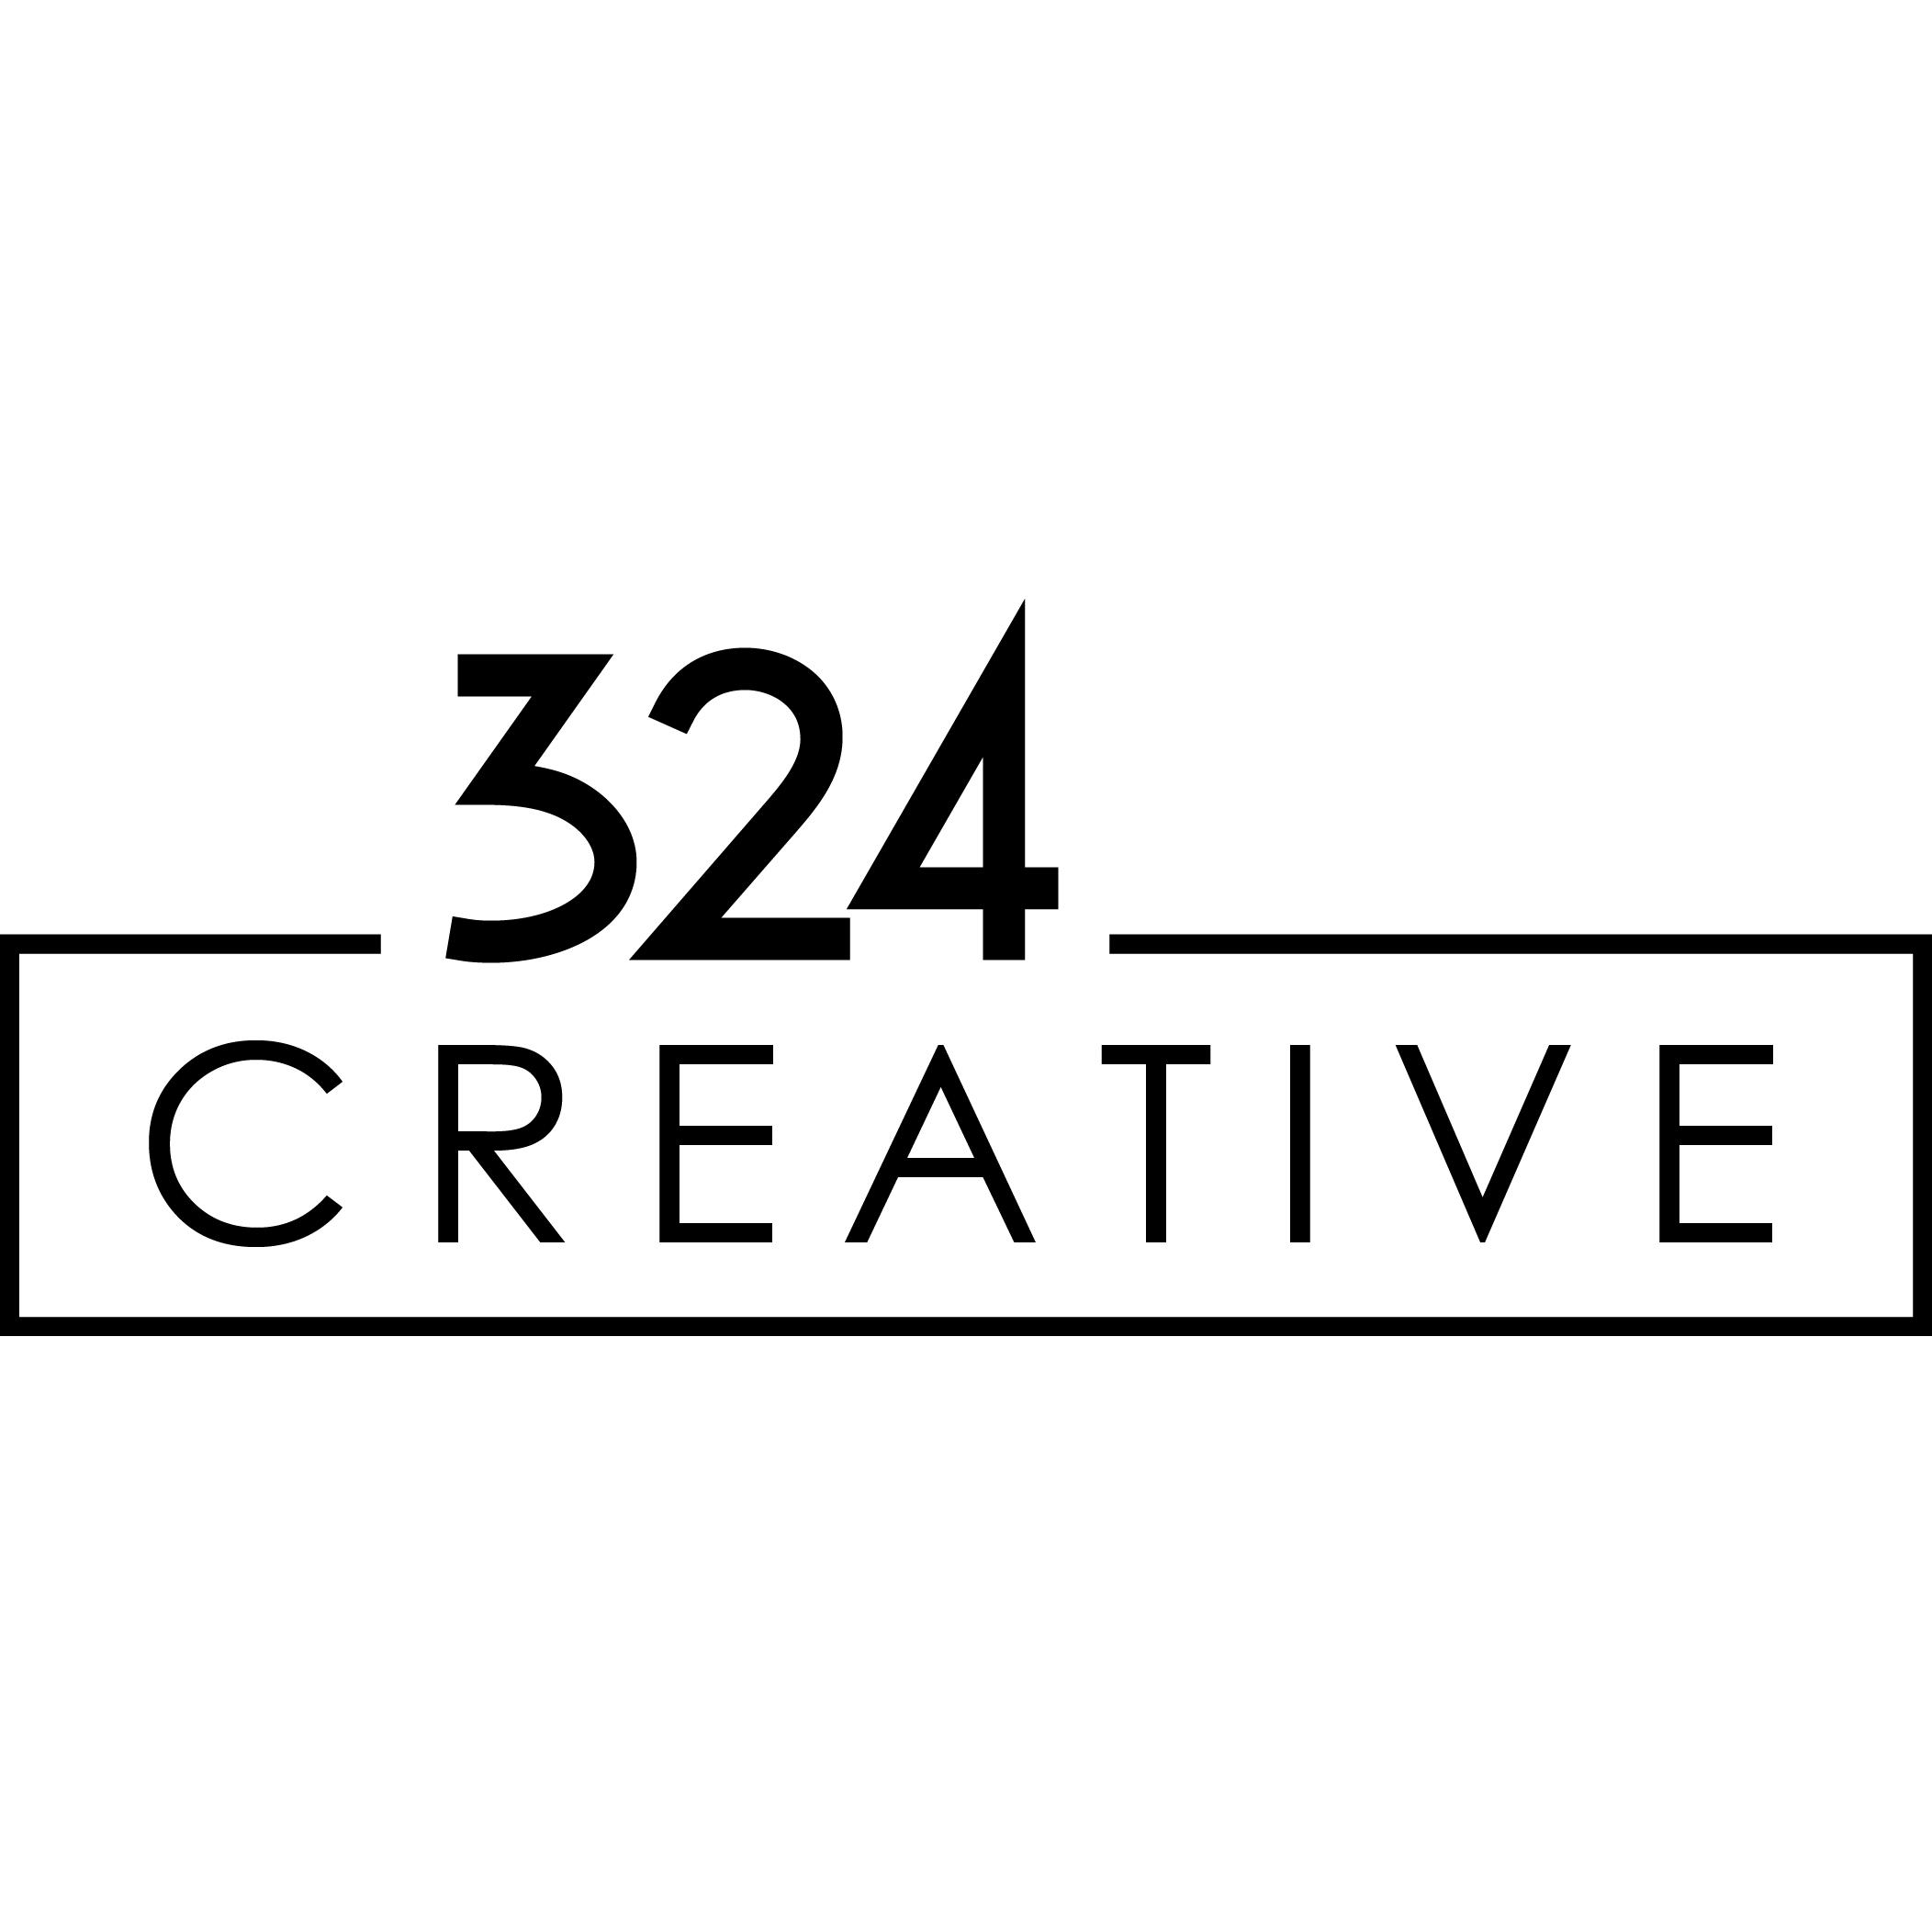 324 Creative Agency - Plano, TX 75024 - (214)396-2644 | ShowMeLocal.com